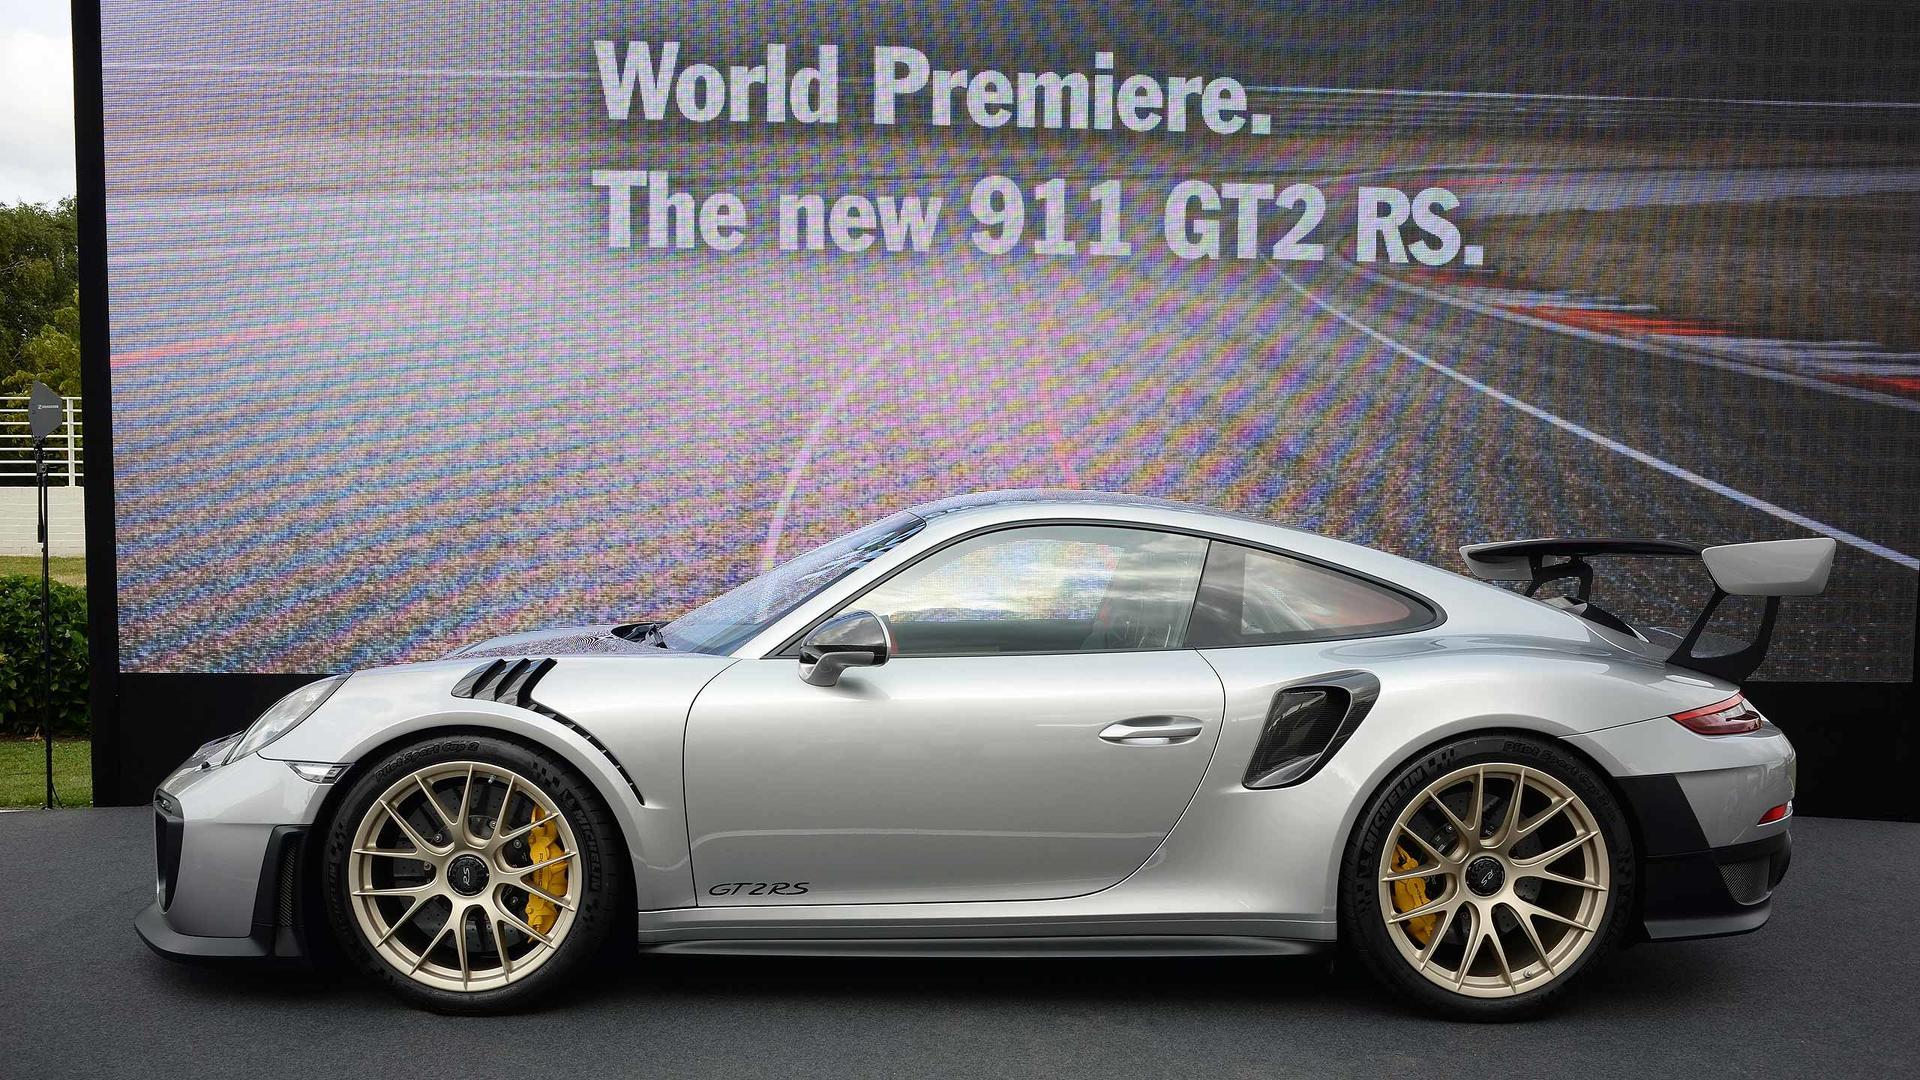 2018-porsche-911-gt2-rs-at-2017-goodwood-festival-of-speed Gorgeous Porsche 911 Gt2 Rs Essai Cars Trend